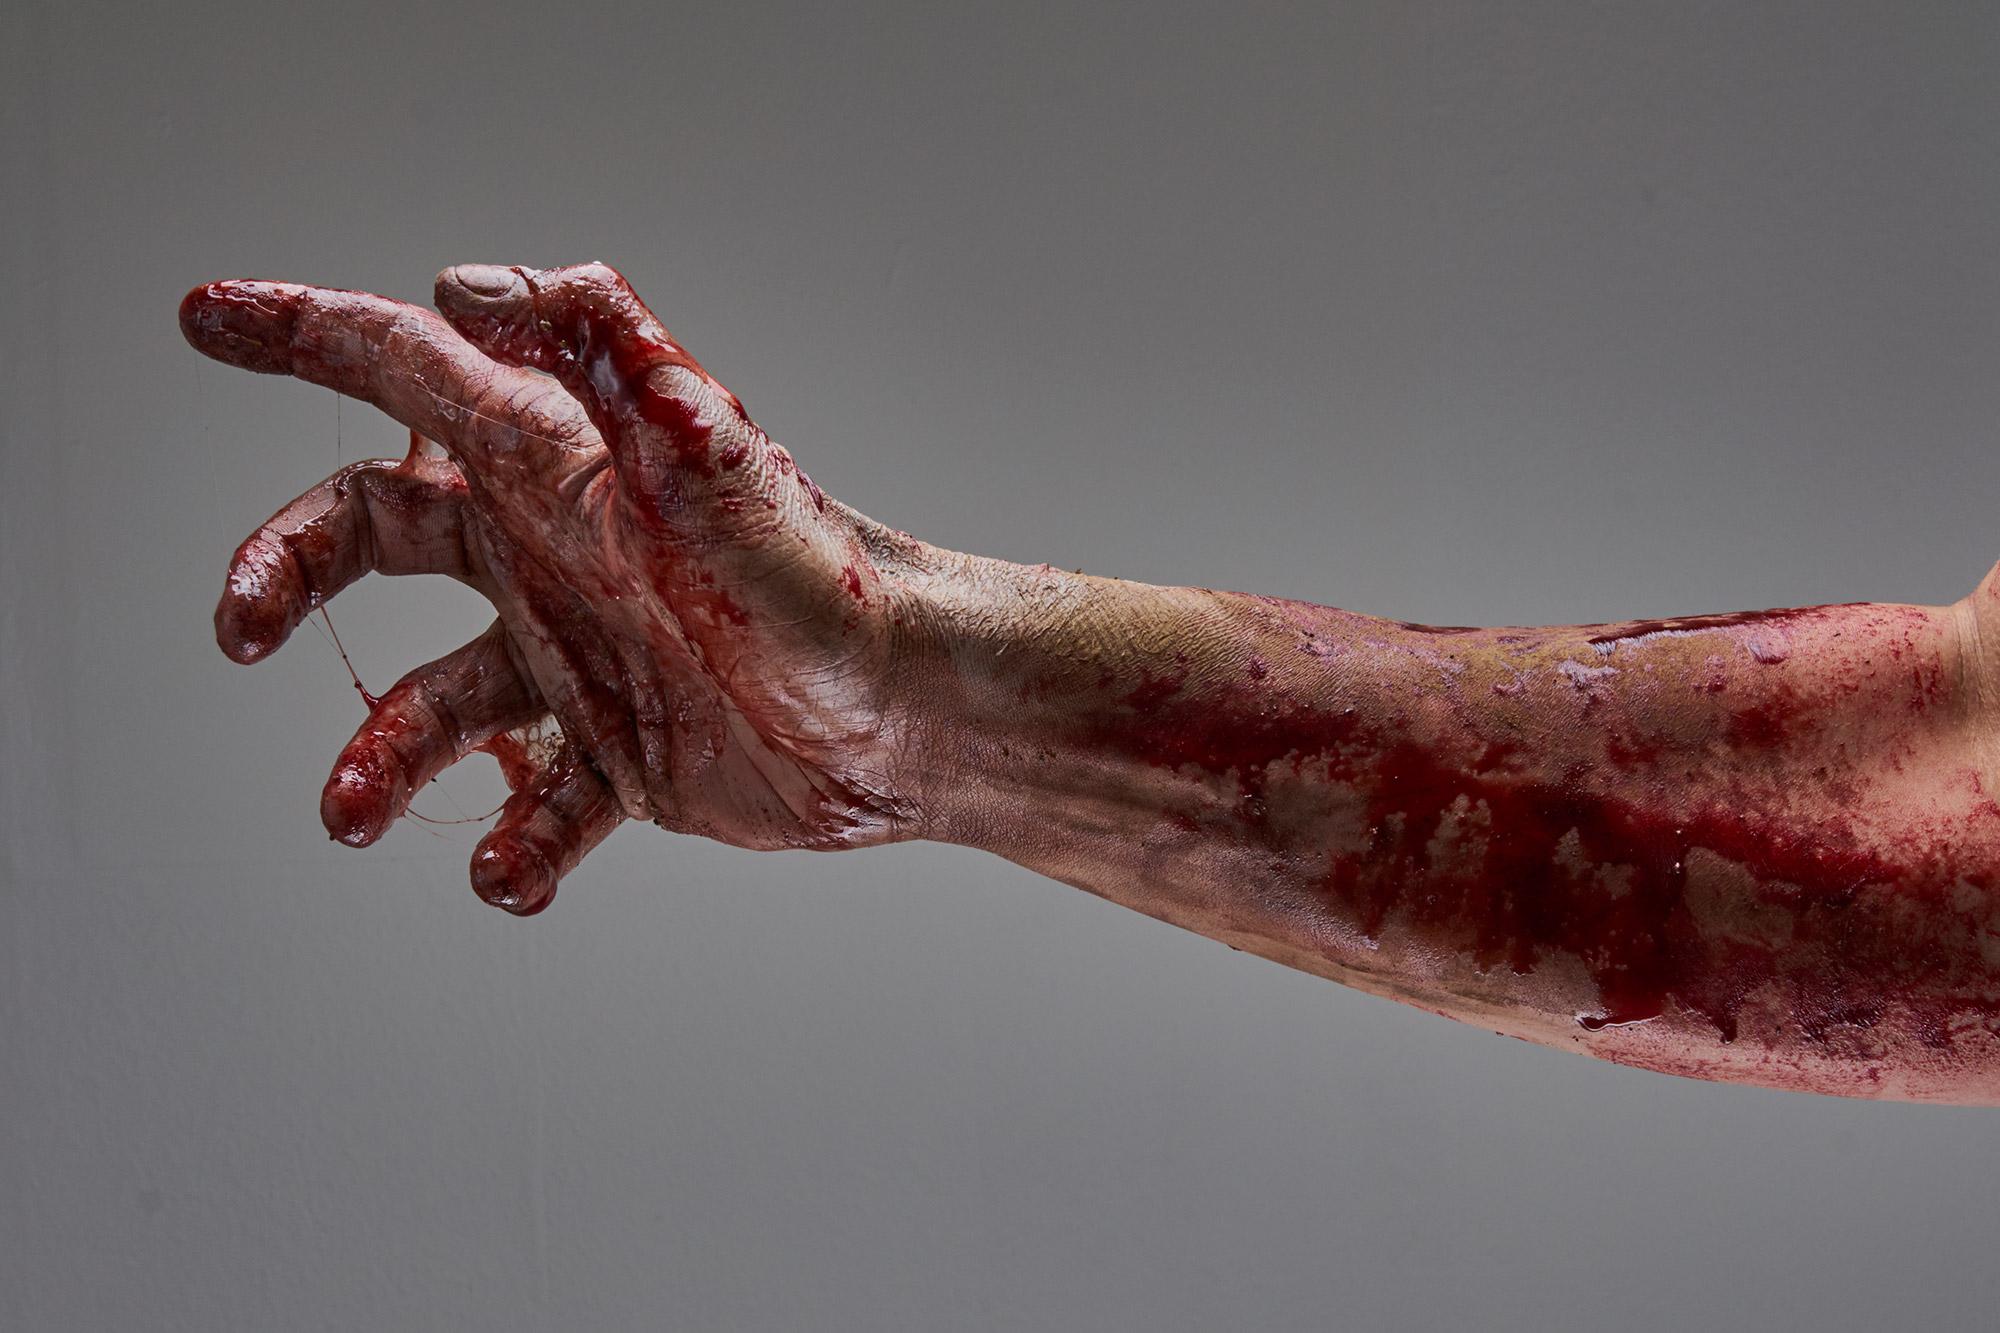 zombie_hand1397.jpg